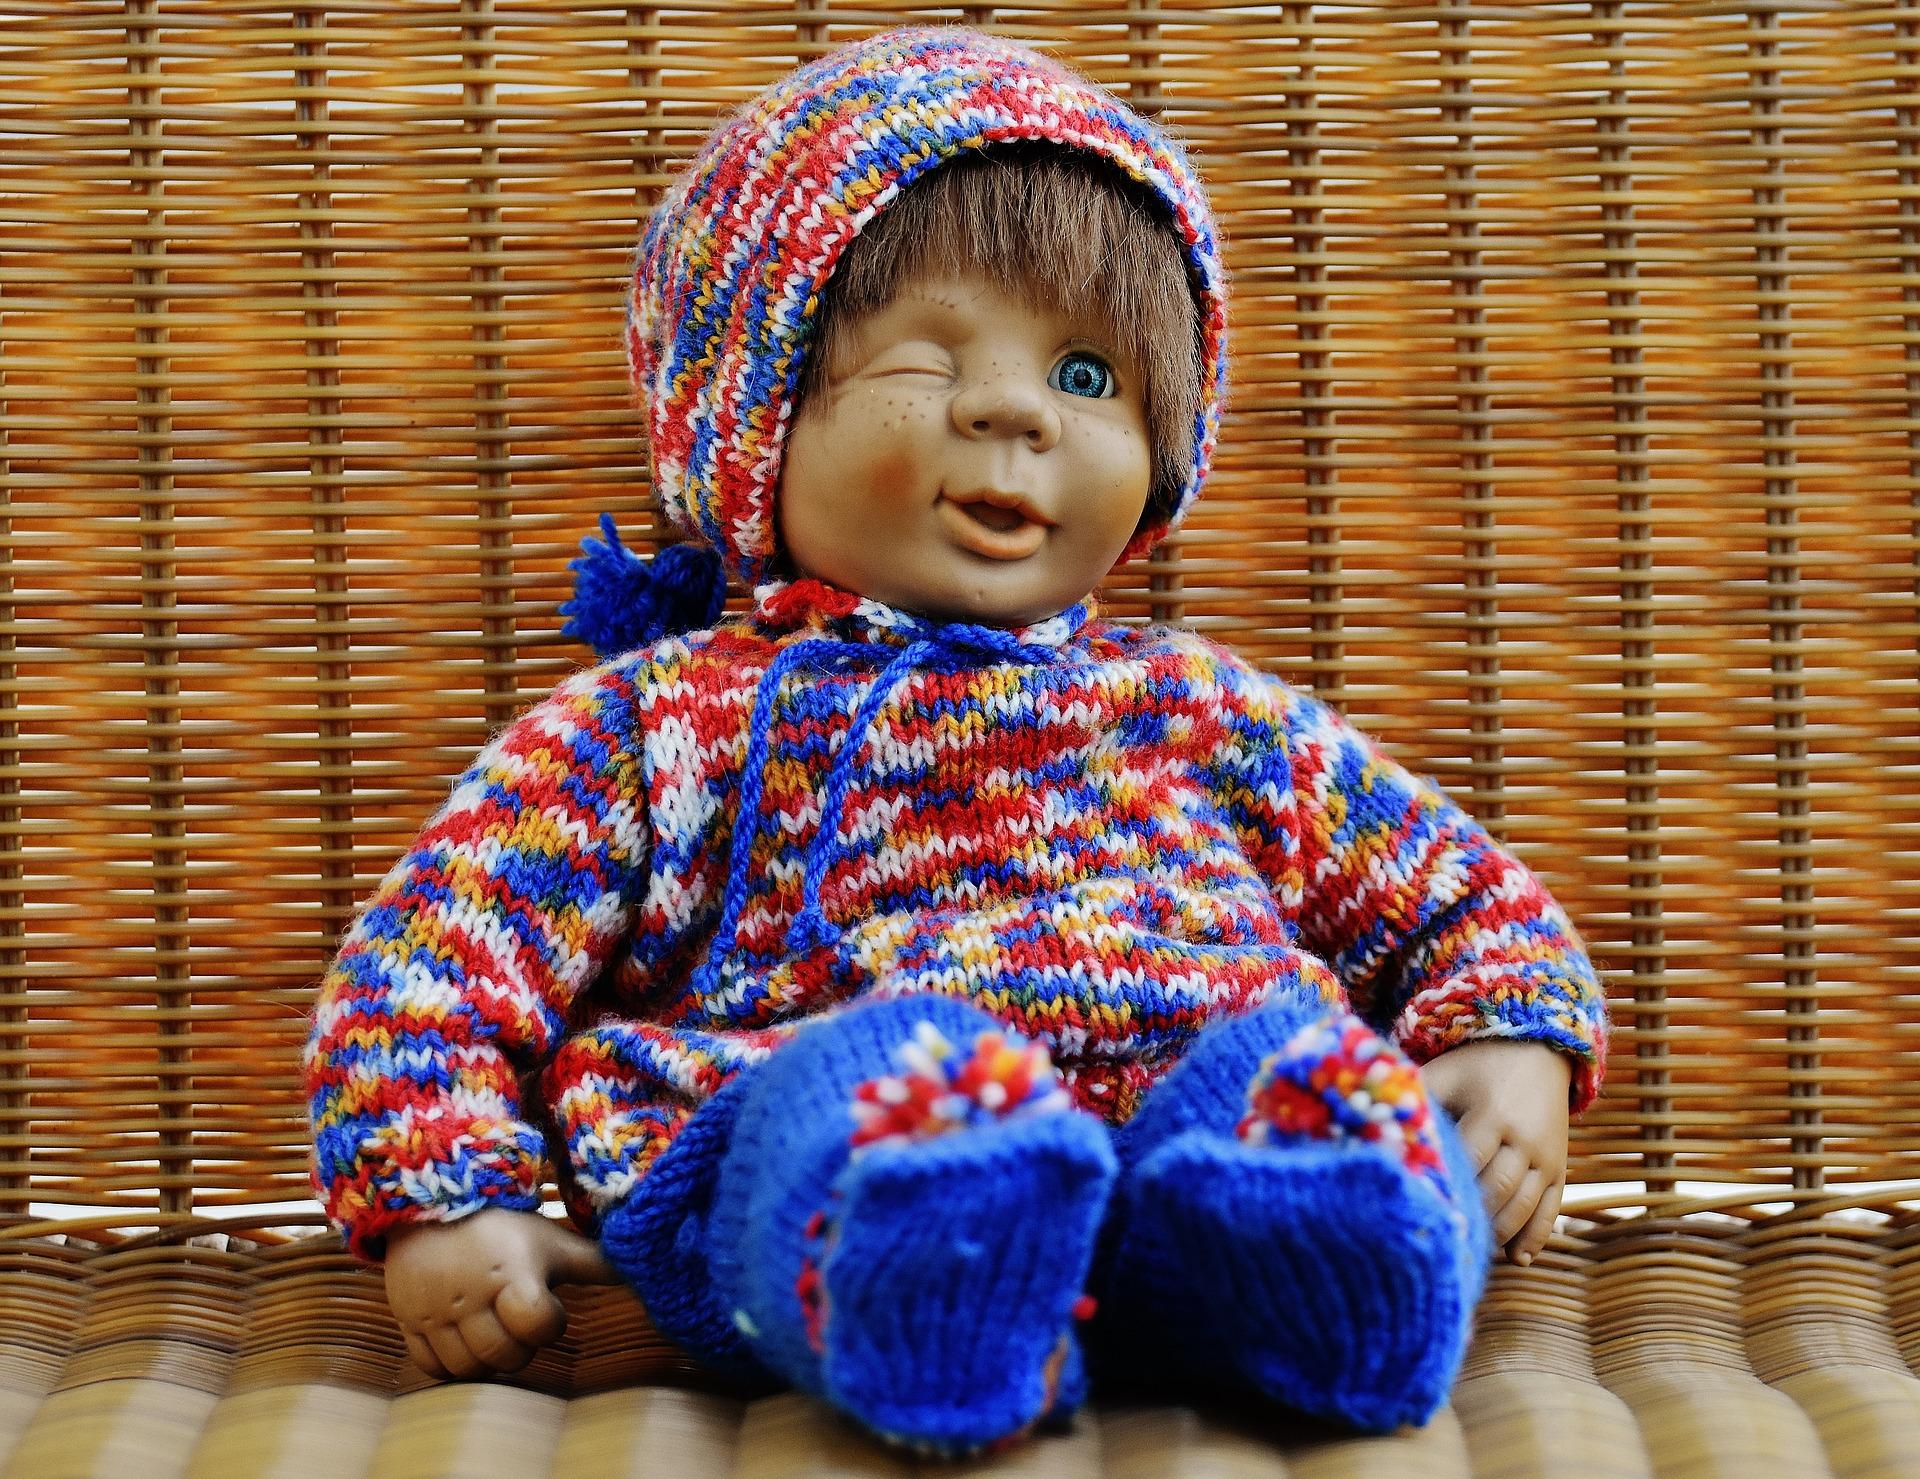 doll-1585318_1920